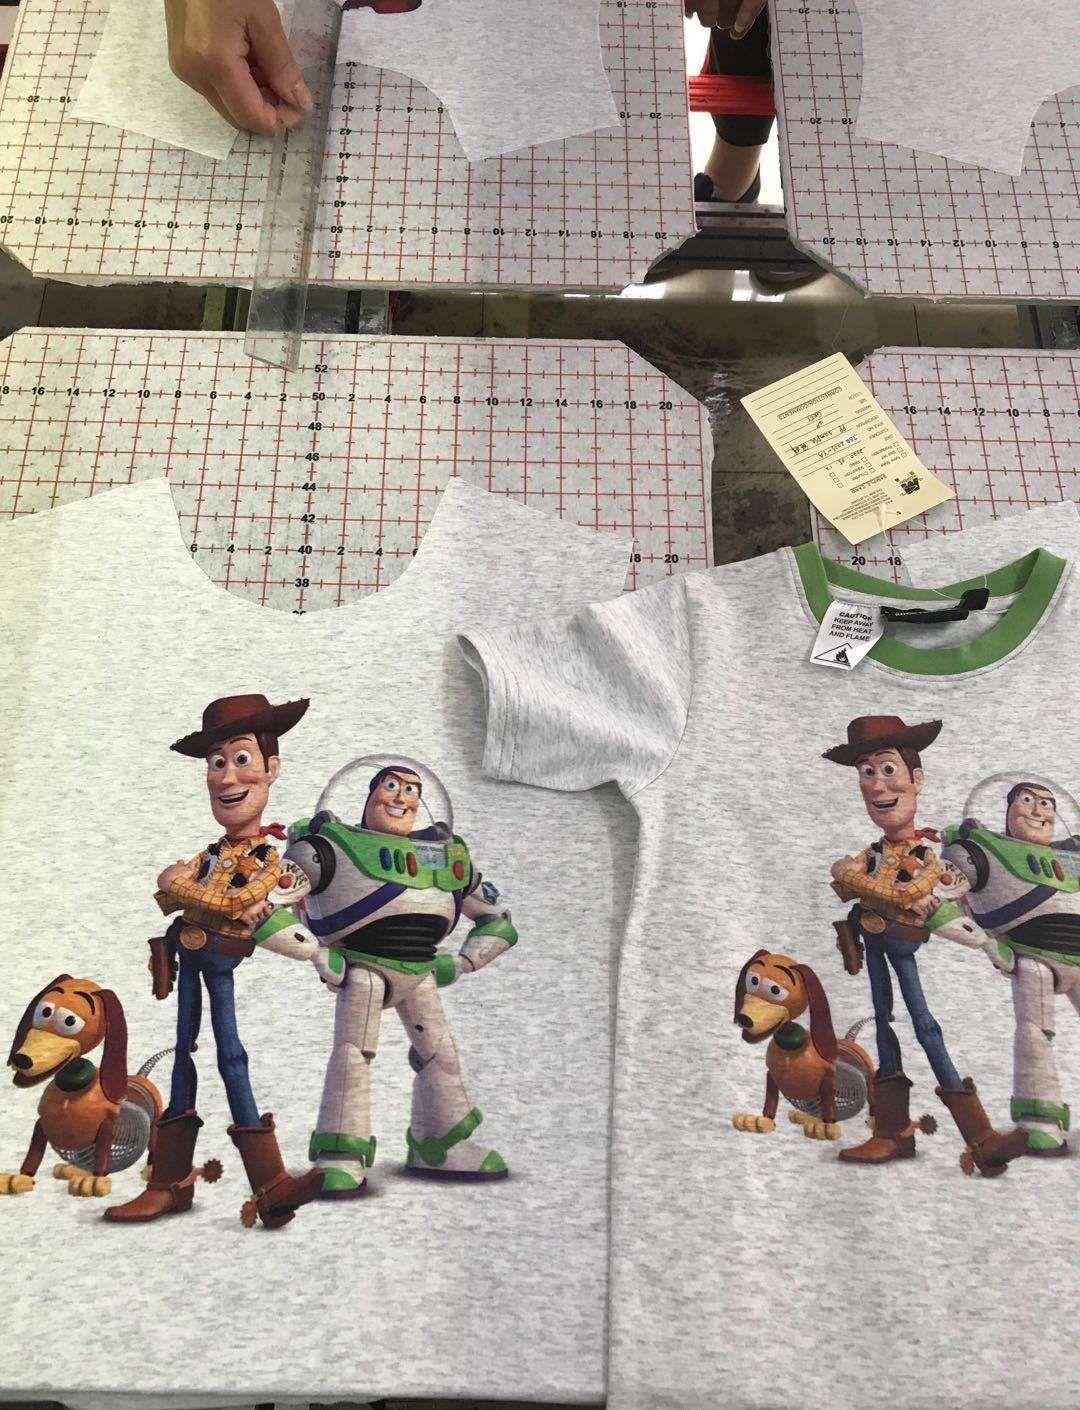 深圳口碑好的跑团T恤定制哪里好,广告衫定制